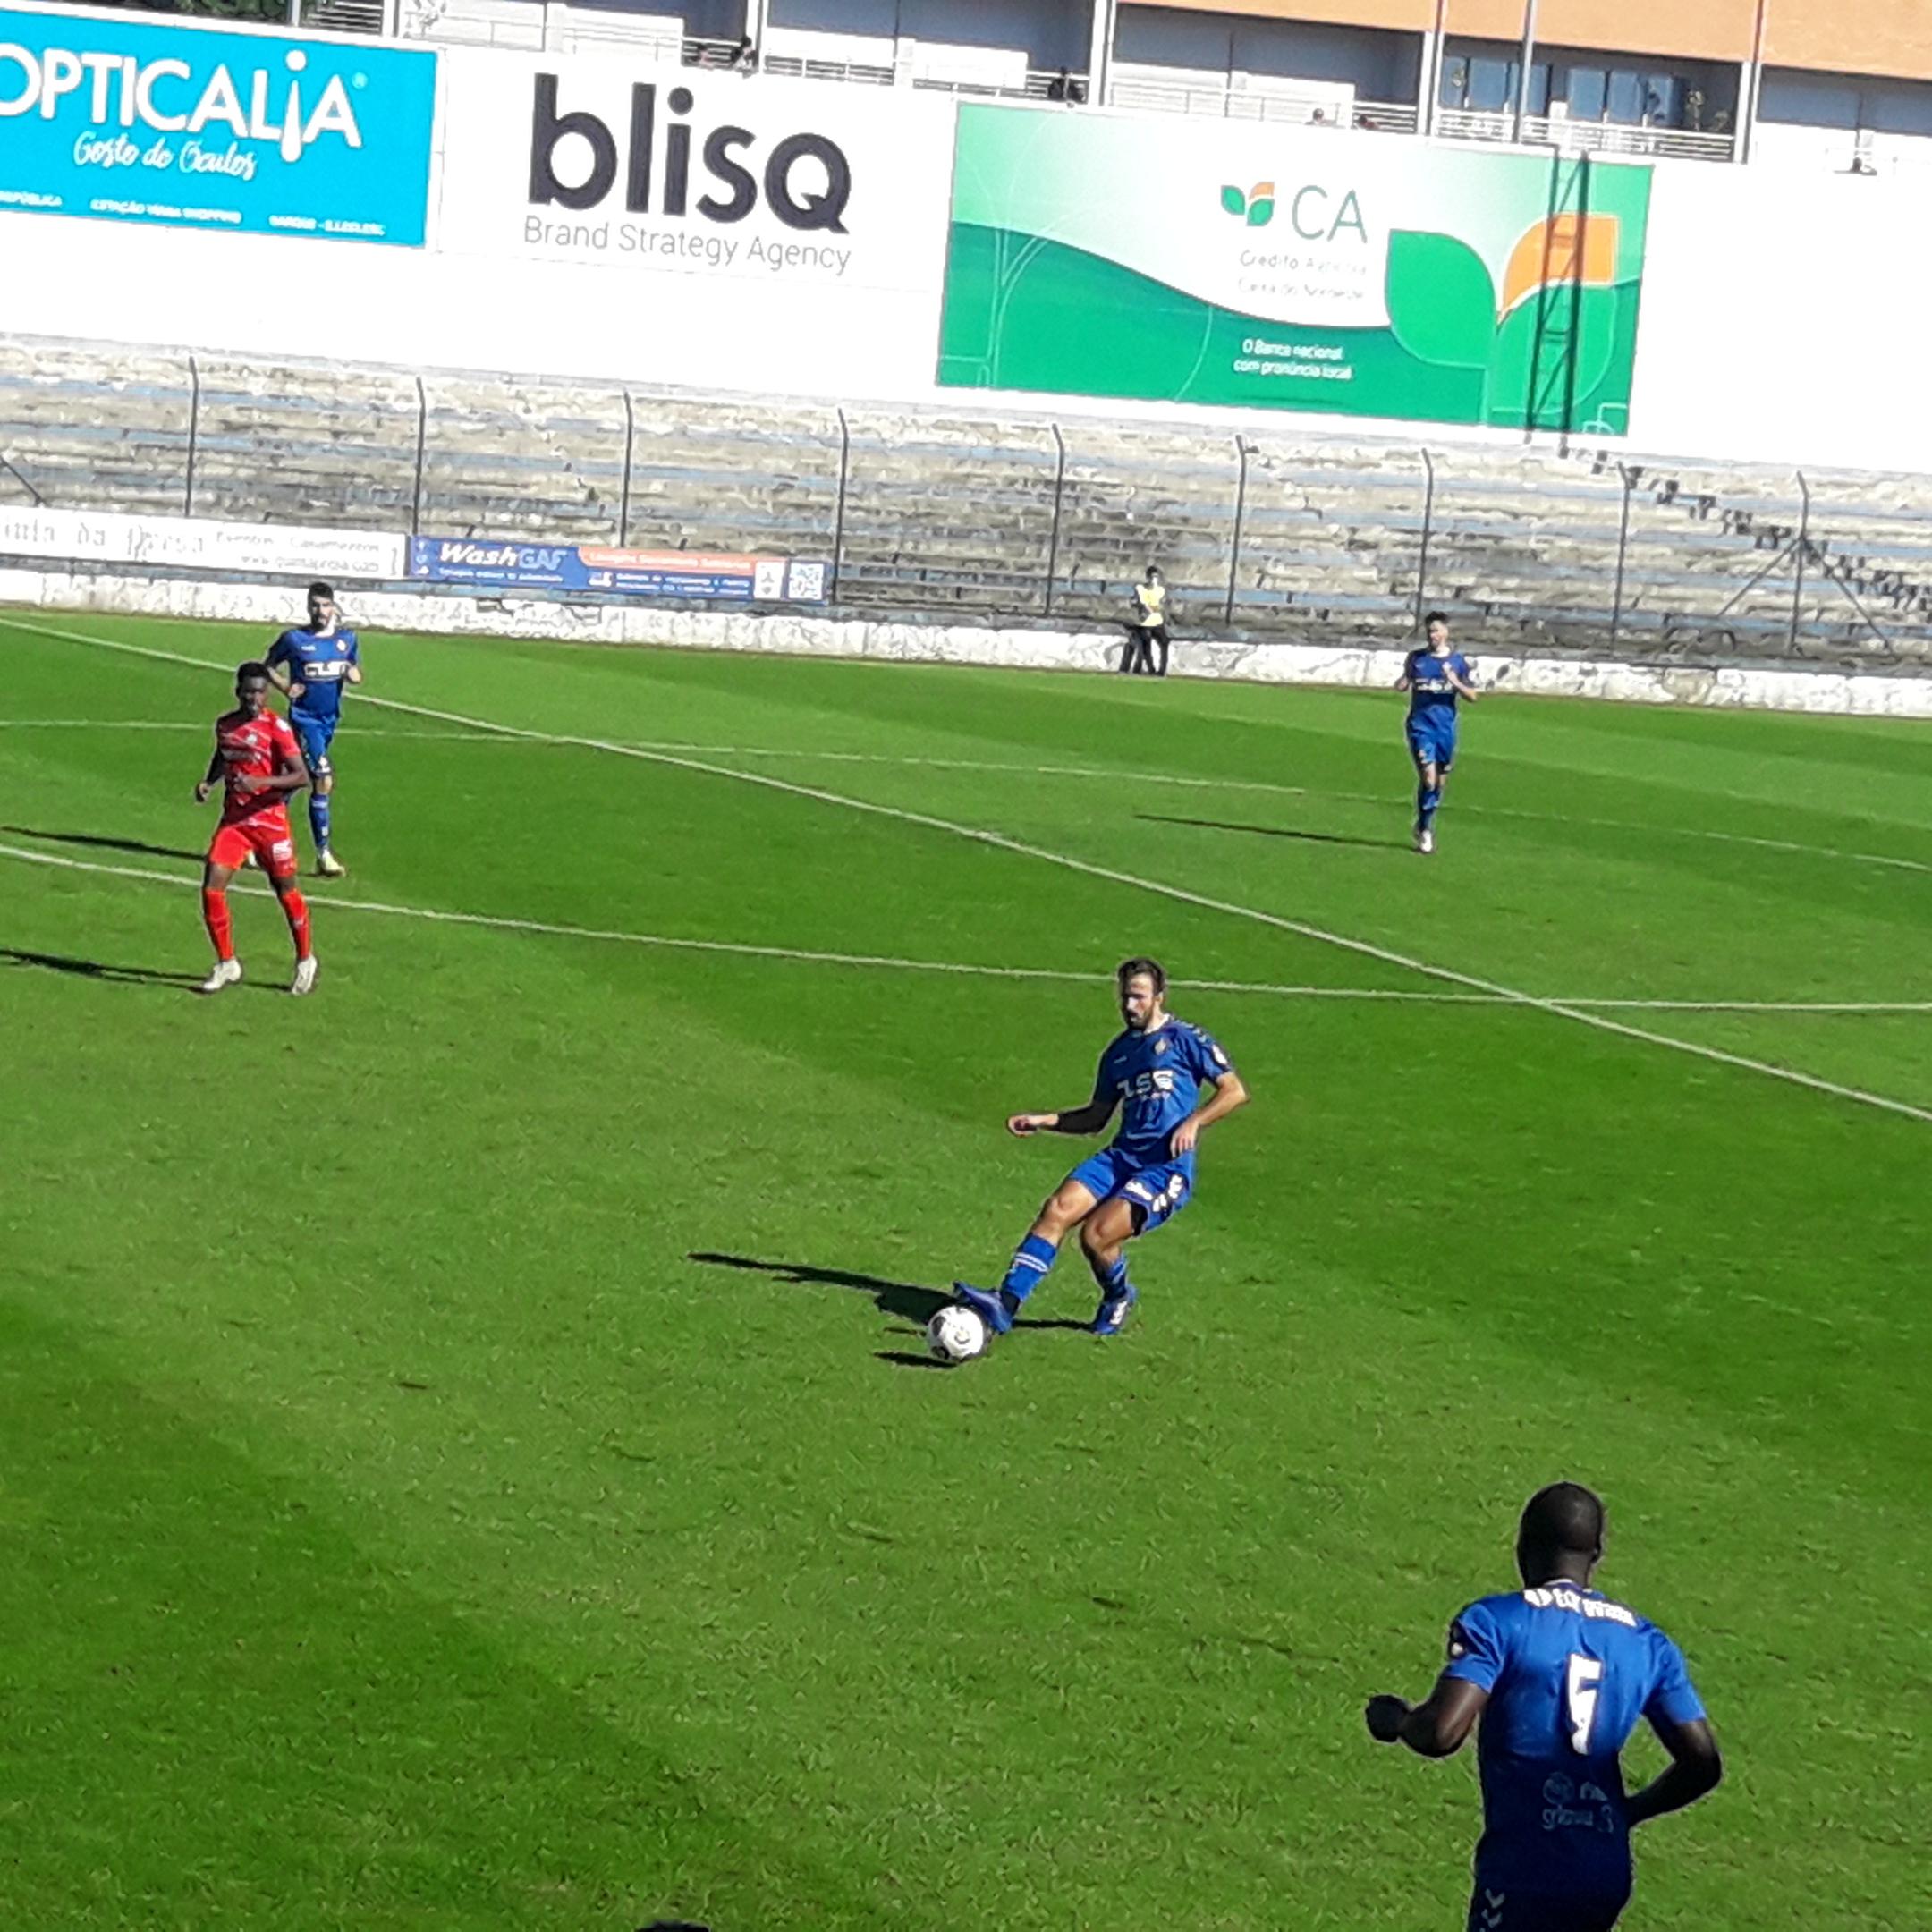 Sport Clube Vianense fora da Taça de Portugal após derrota com GD Vilar de Perdizes